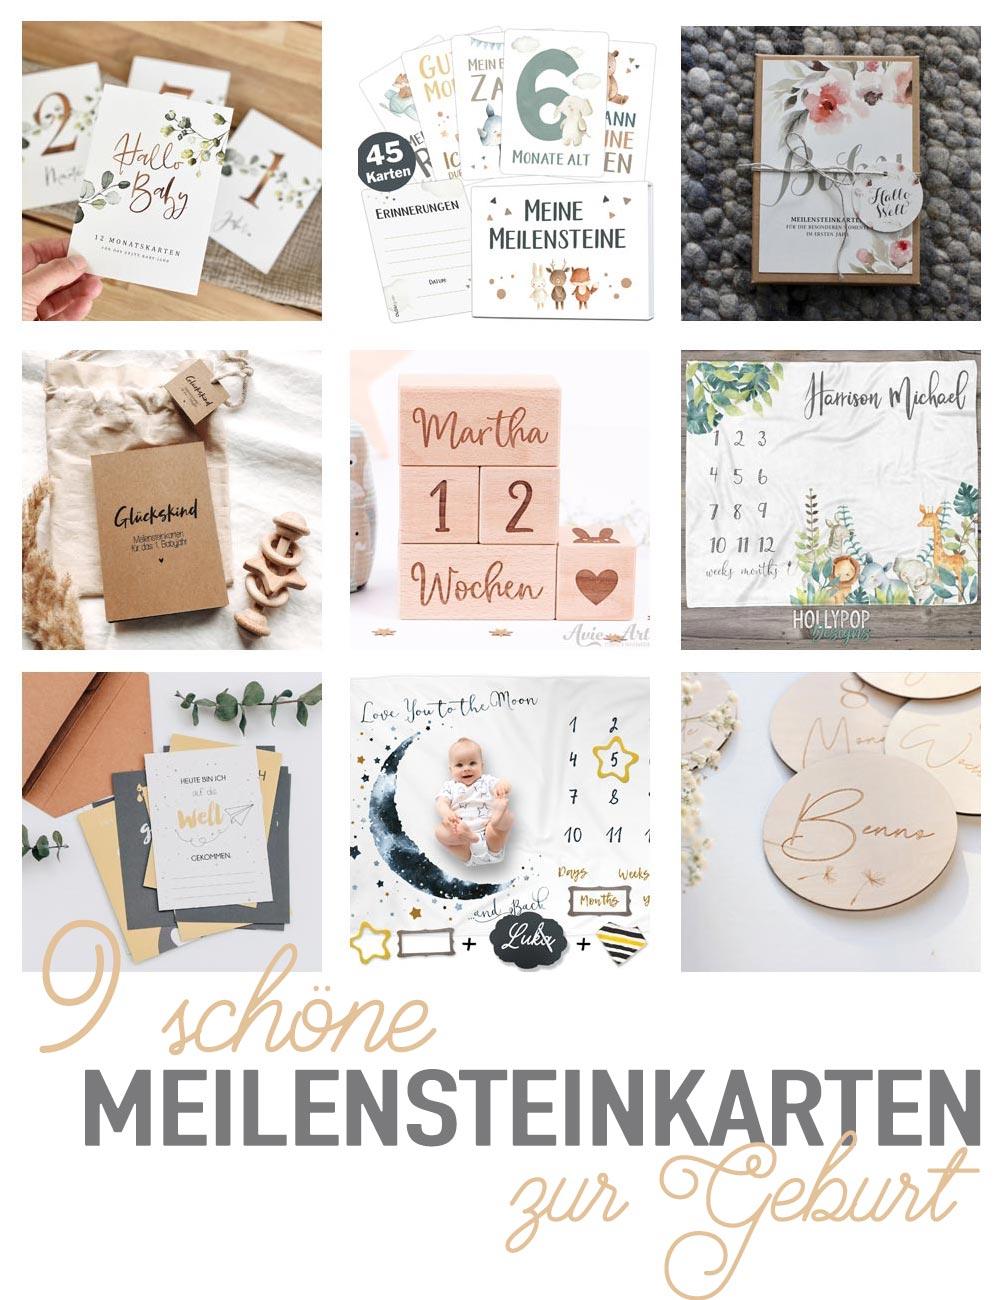 9 schöne Meilensteinkarten und Meilensteindecken zur Geburt - Baby Meilensteilkarten zum Verschenken